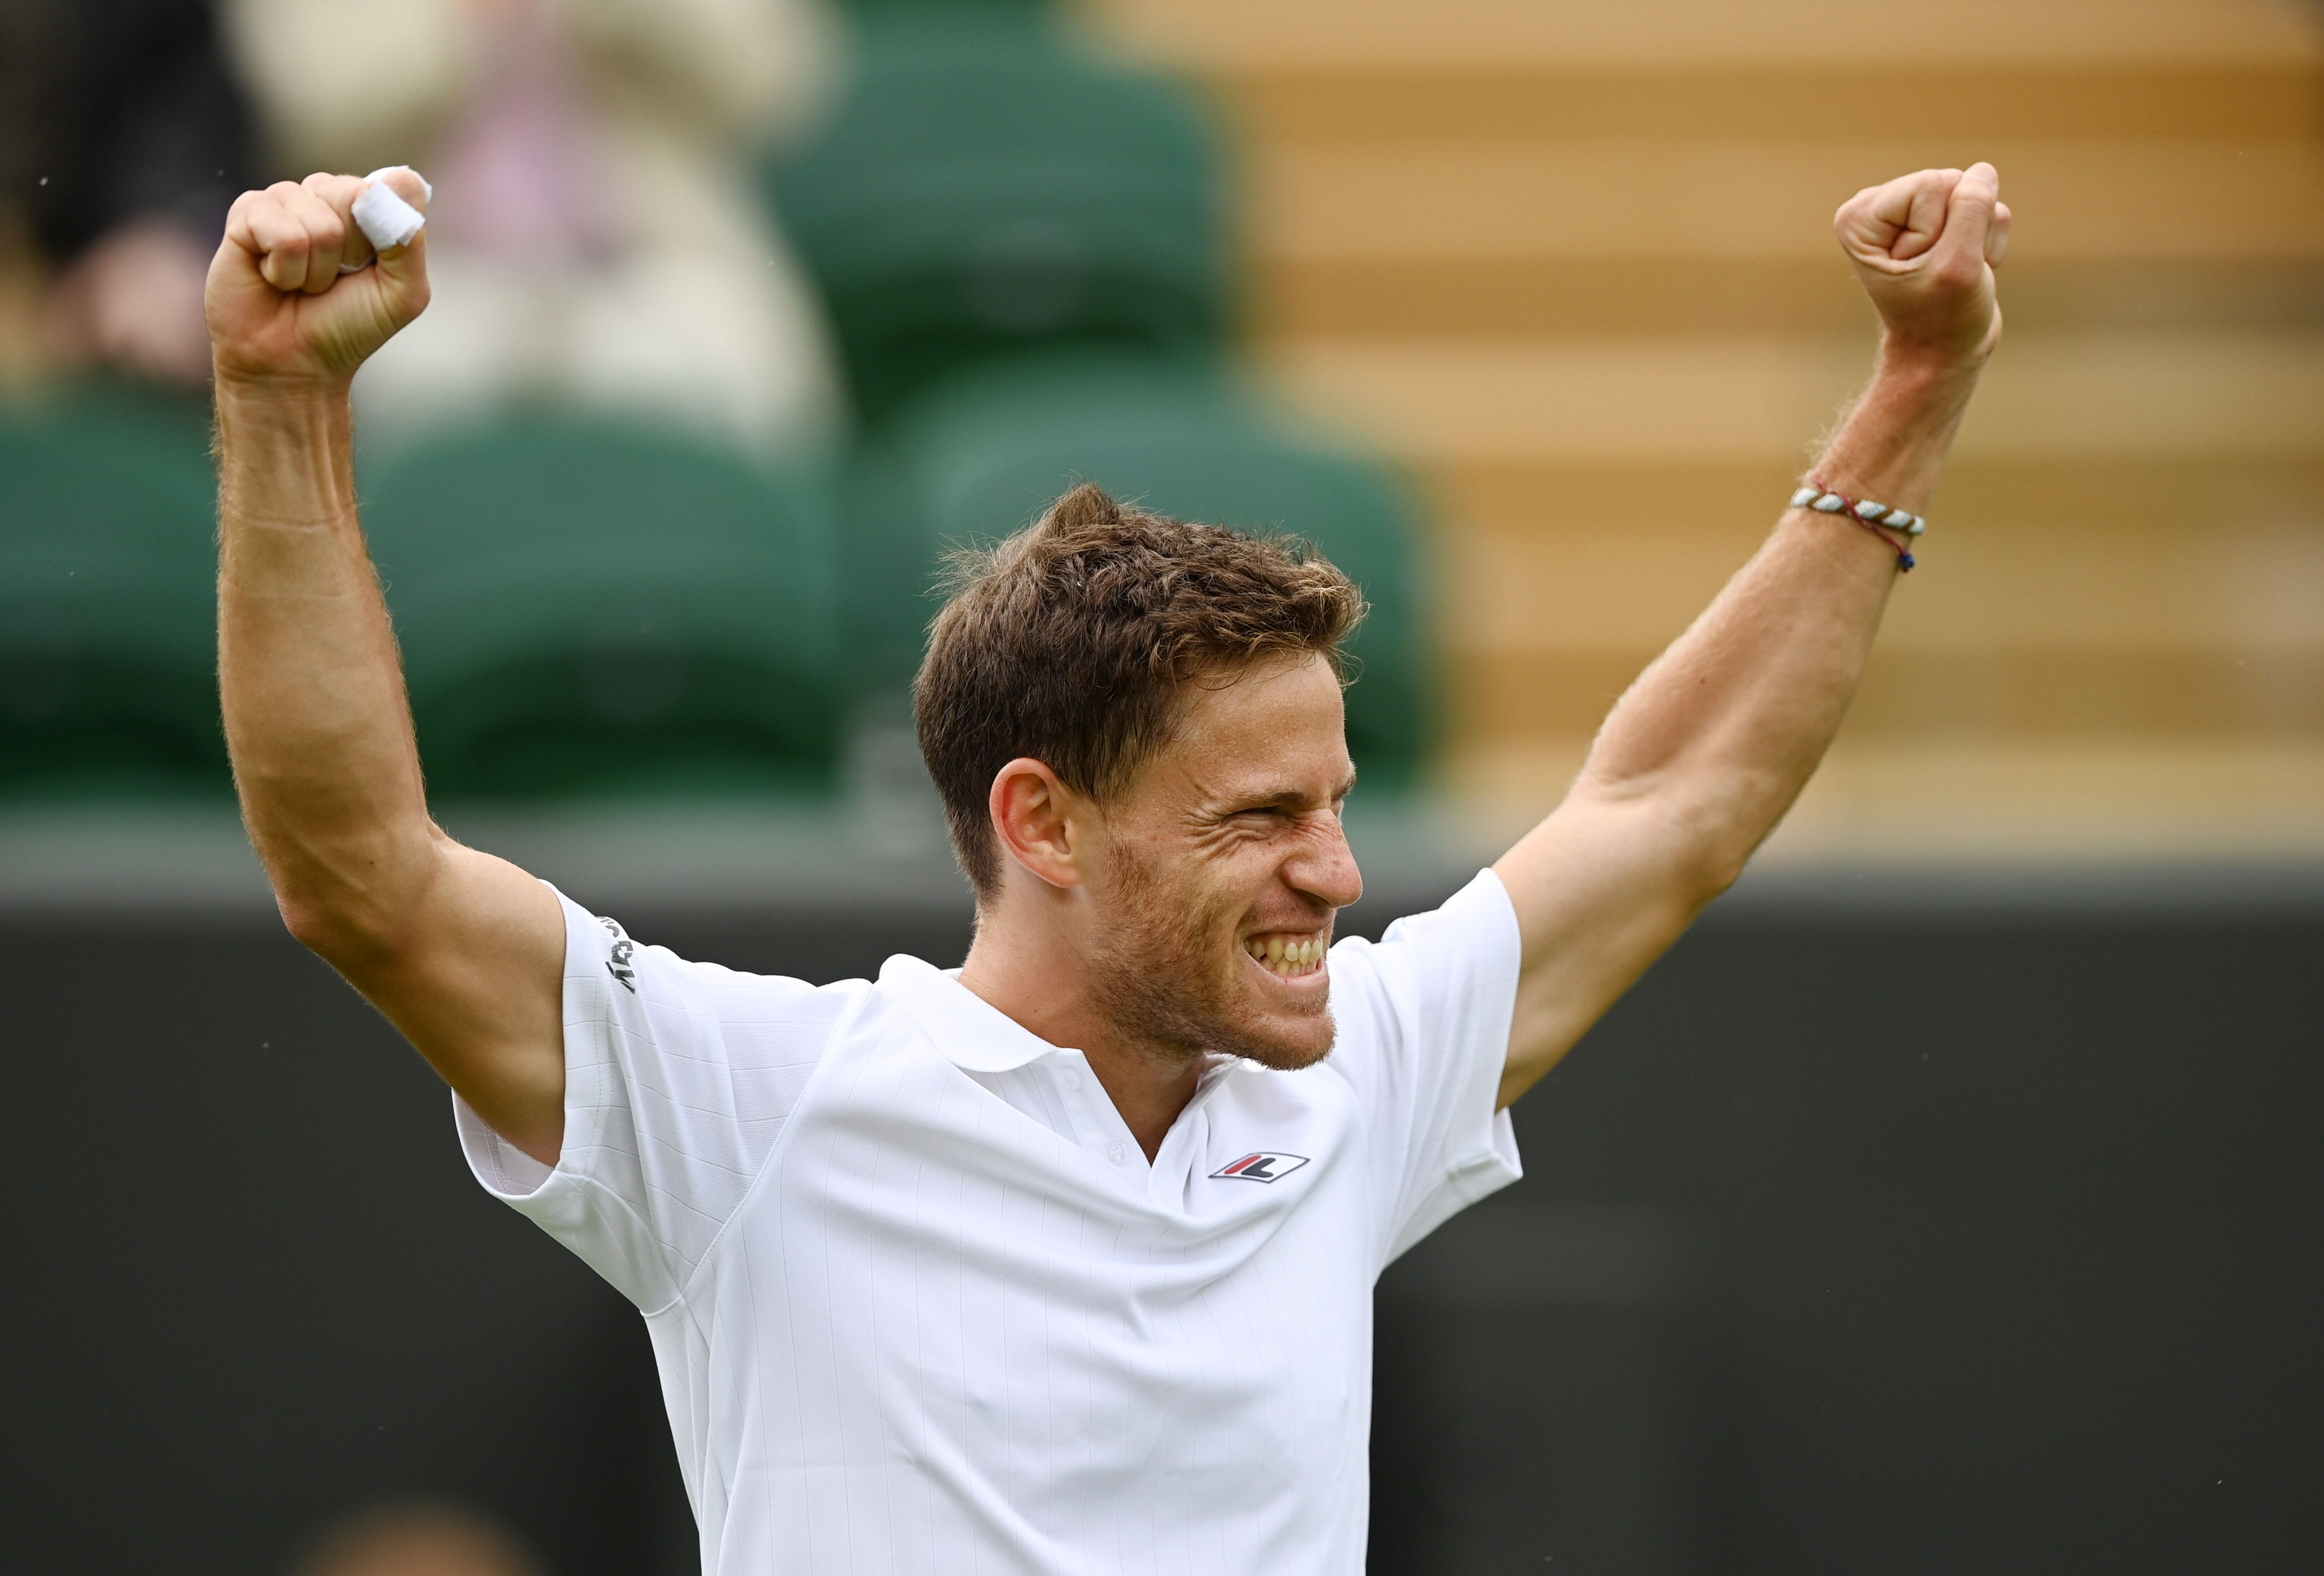 El Peque festeja su clasificación hacia la siguiente instancia de Wimbledon. Foto: REUTERS/Toby Melville